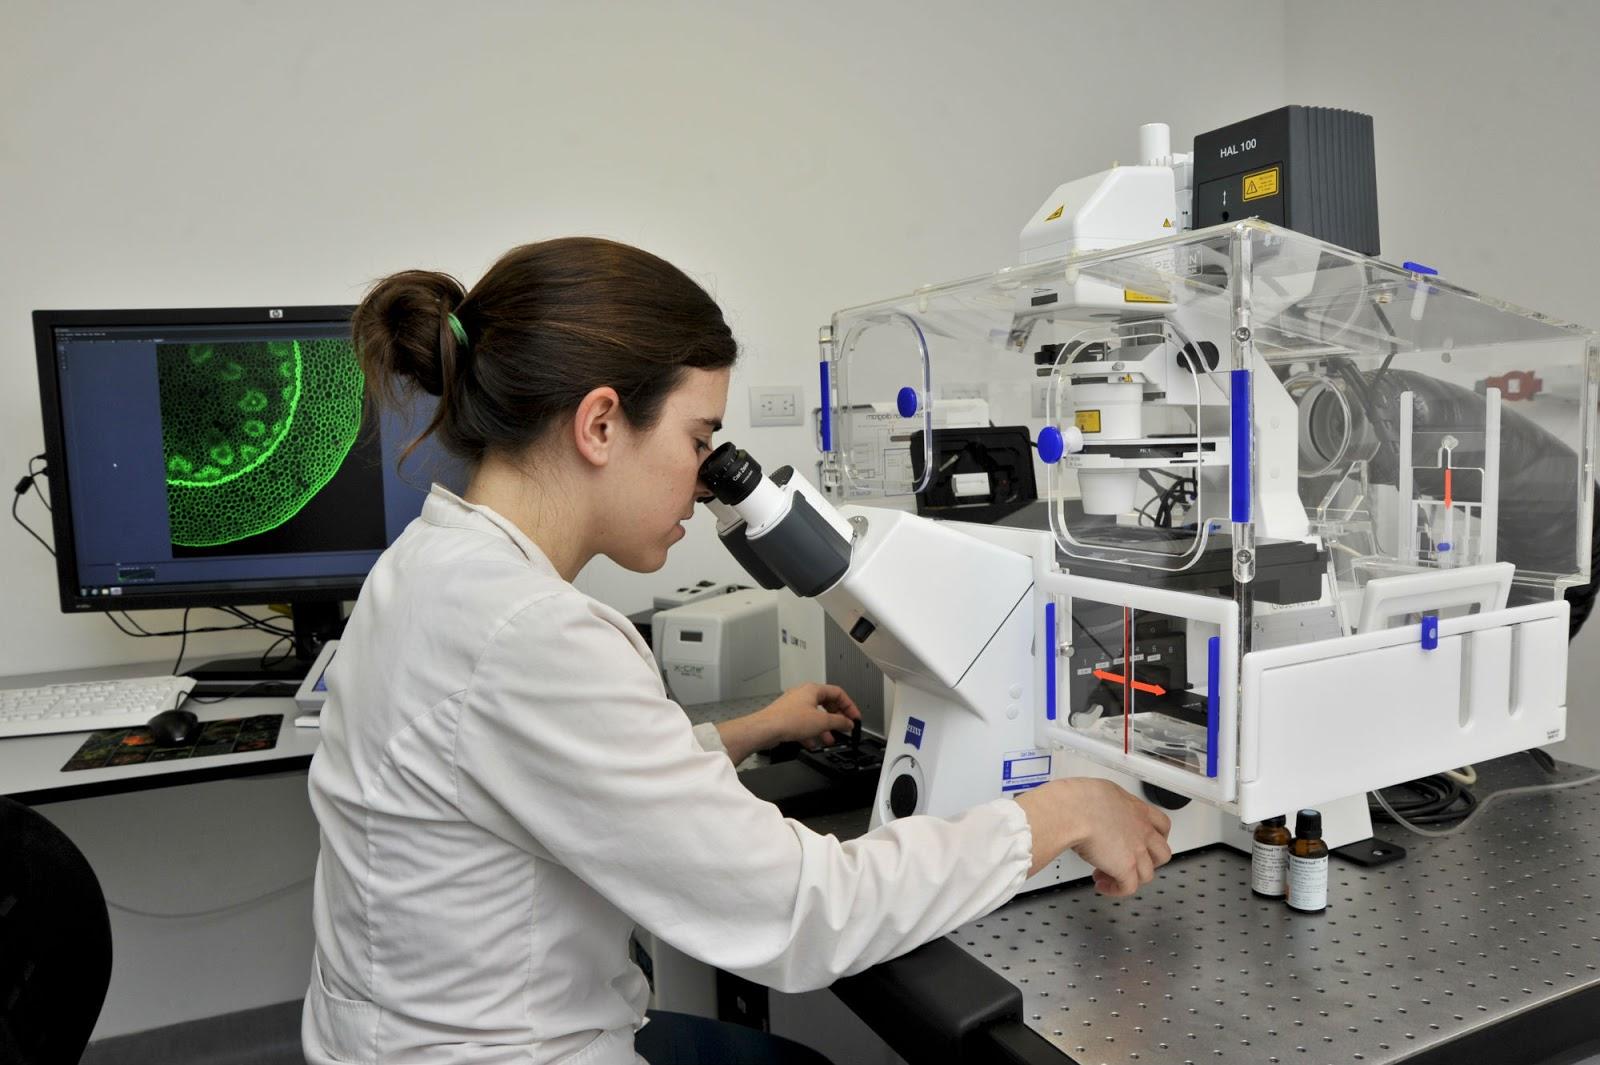 Un 10 % de enfermos graves Covid-19 tiene anticuerpos que empeoran la enfermedad